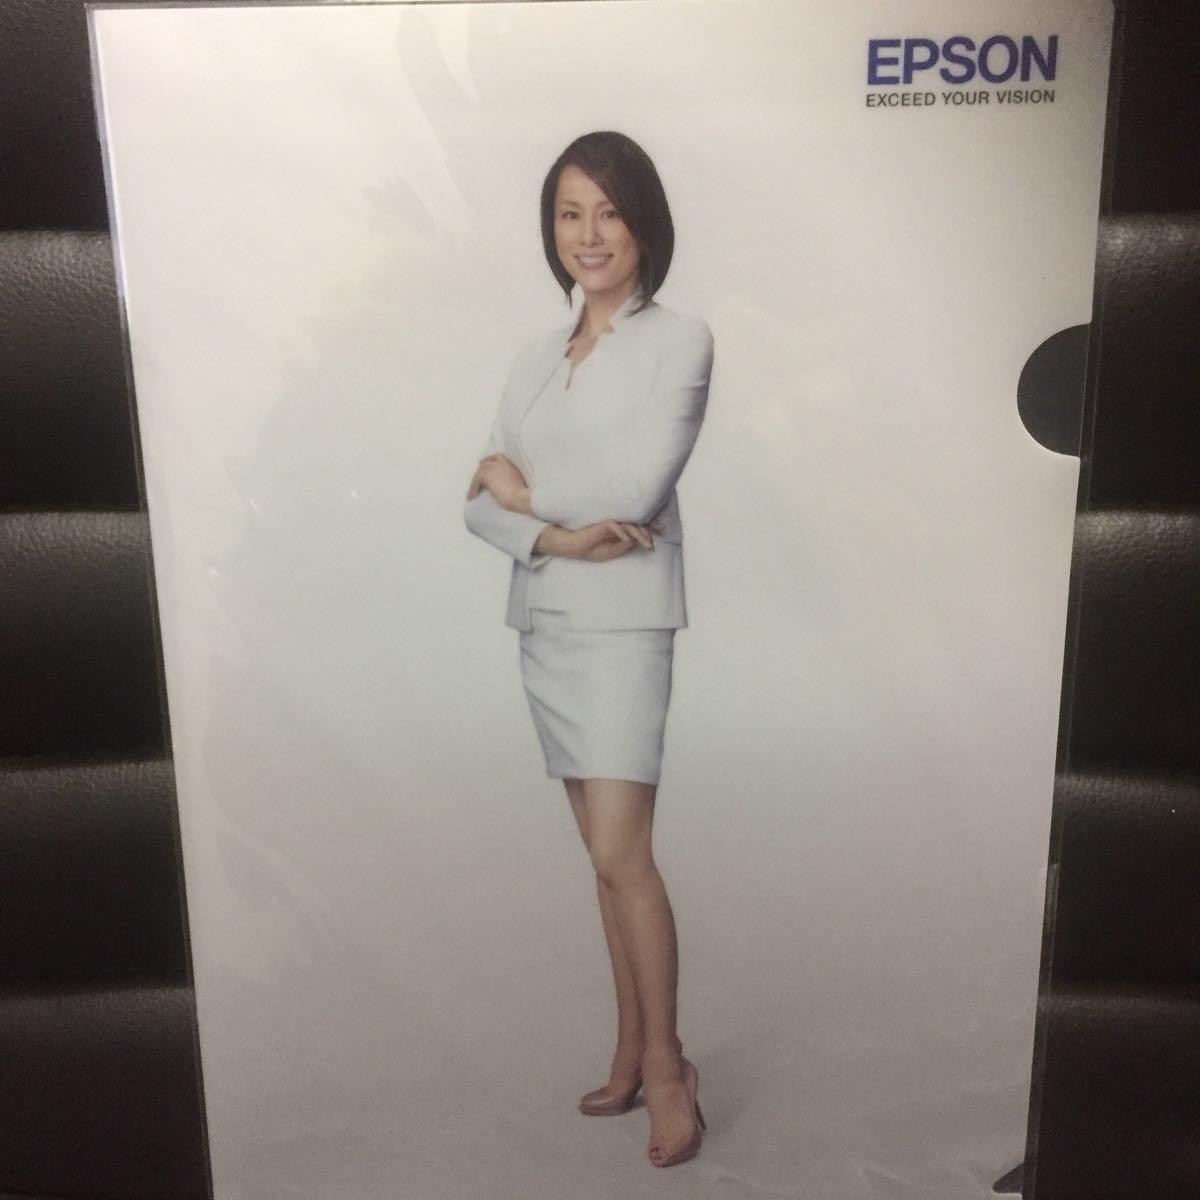 未使用★★米倉涼子 EPSON クリアファイル 非売品 エプソン★2_画像2